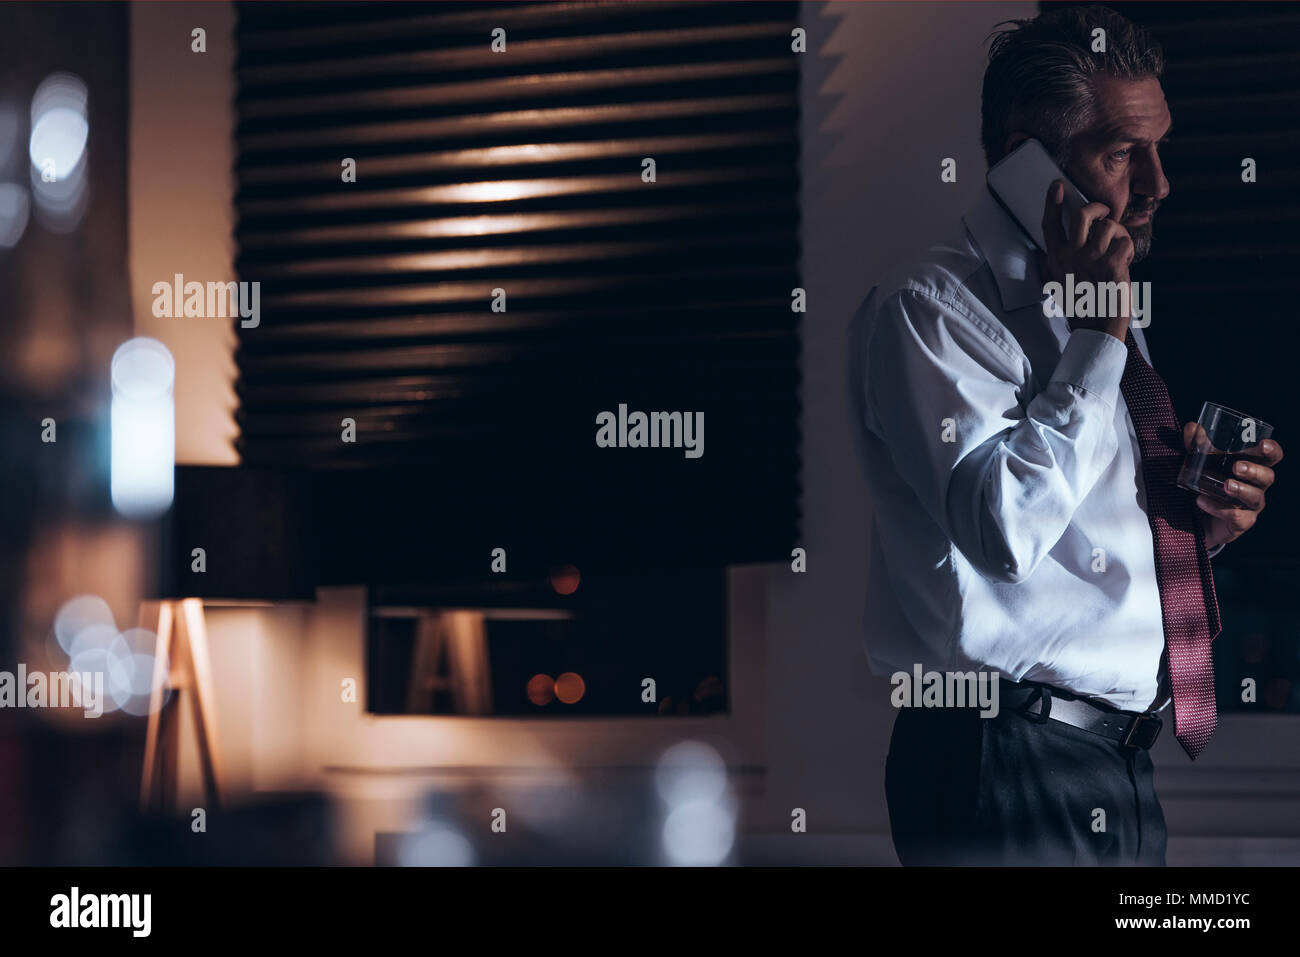 Müde und traurig im mittleren Alter Geschäftsmann am Telefon zu sprechen und halten ein Glas mit Alkohol beim Stehen in einem Zimmer mit schummrigem Licht und Fenster blin Stockbild